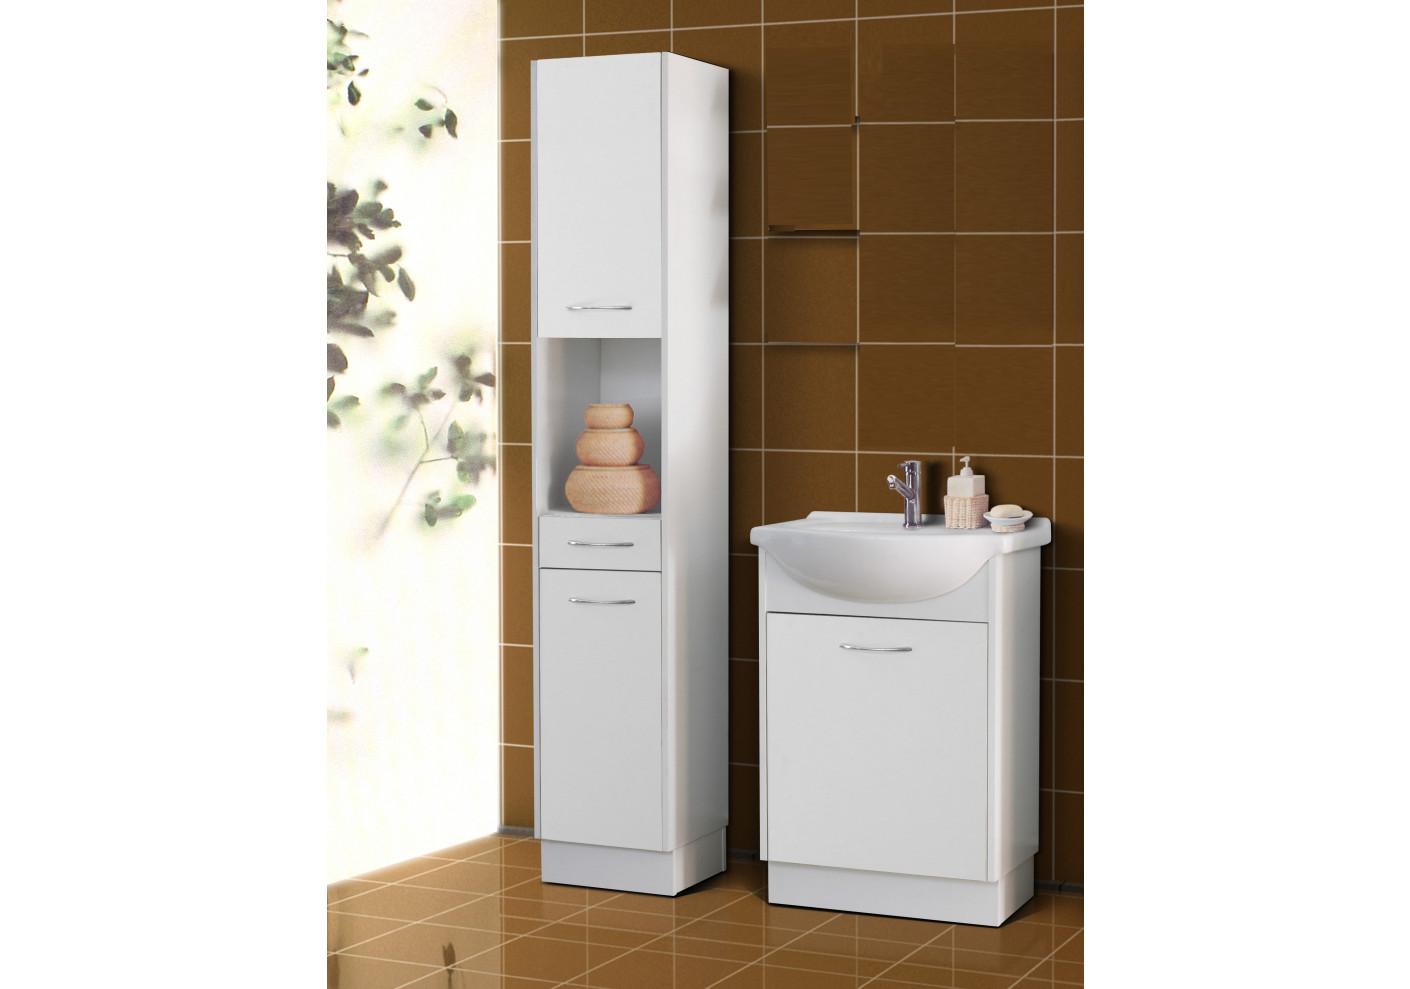 salle de bains nancy blanc 1 colonne 1 meuble lavabo 1 vasque